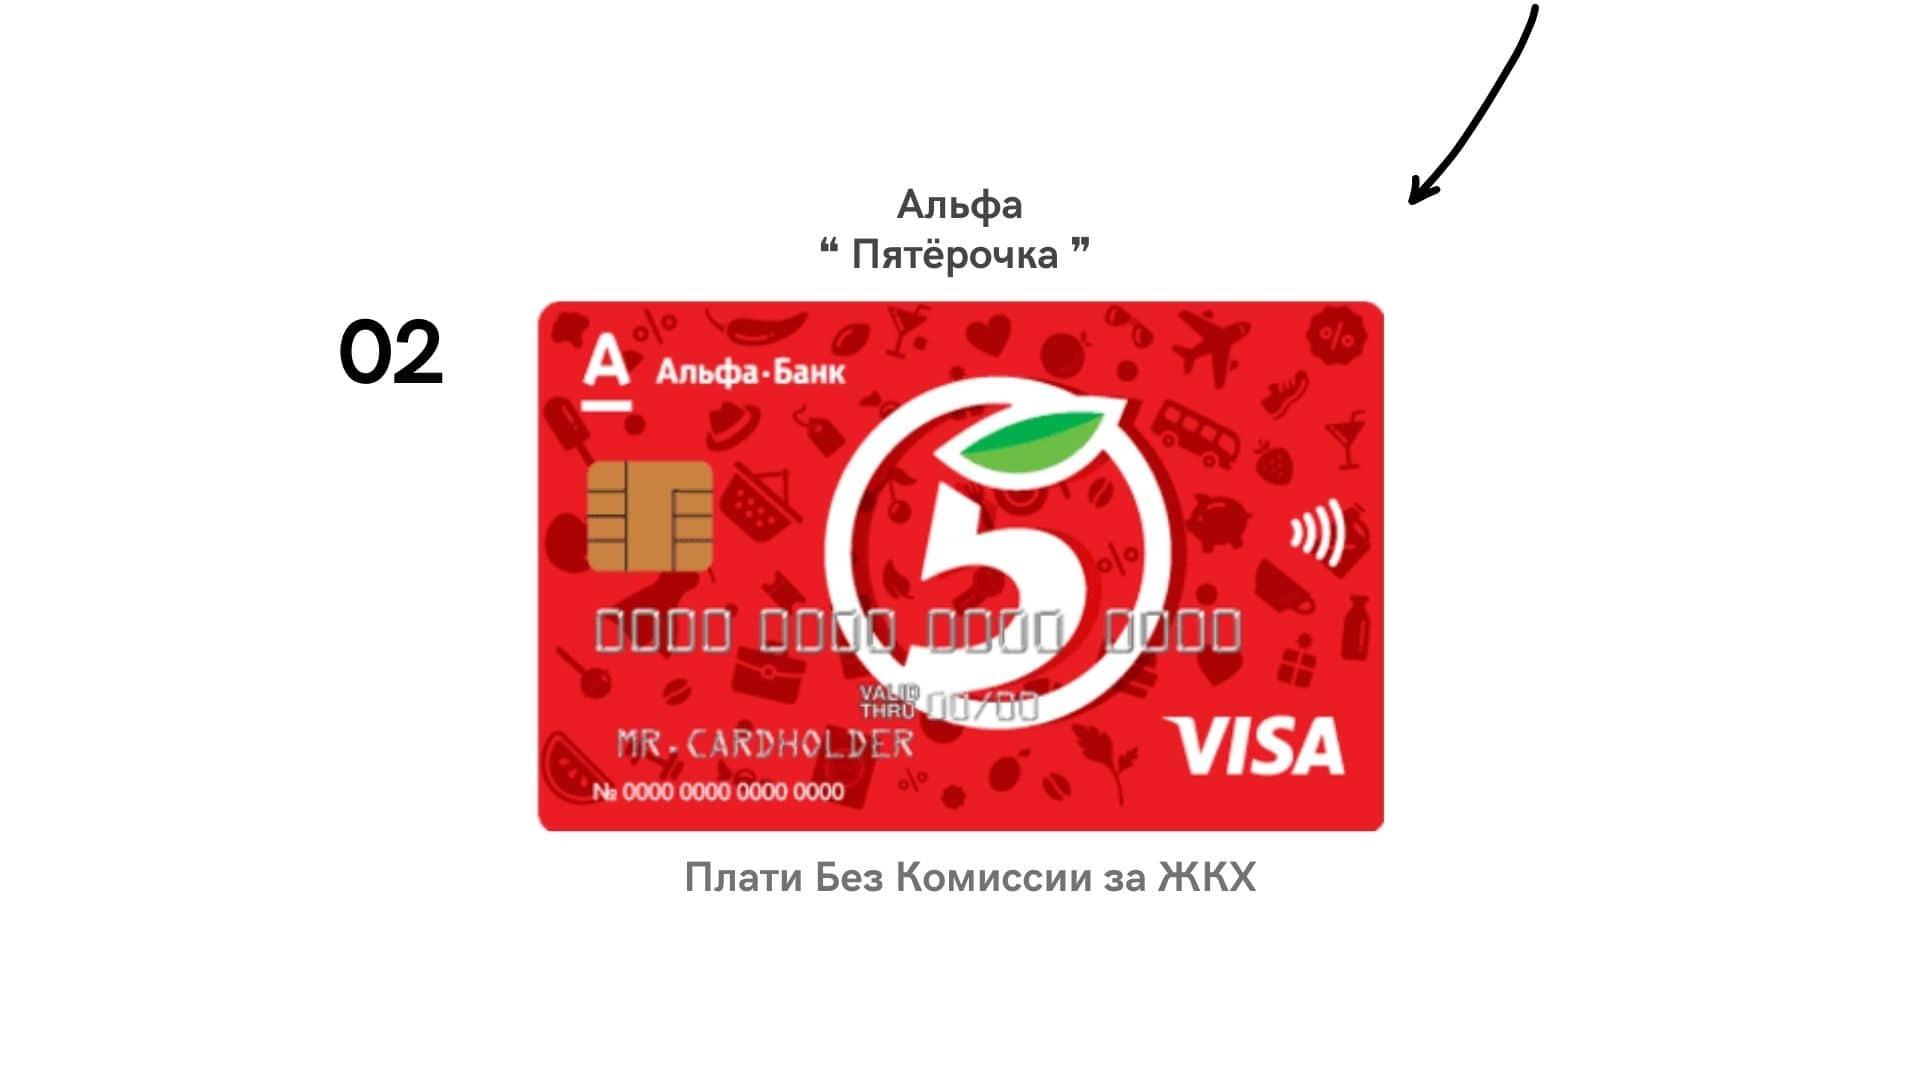 альфа банк оплата жкх без комиссии по лицевому счету